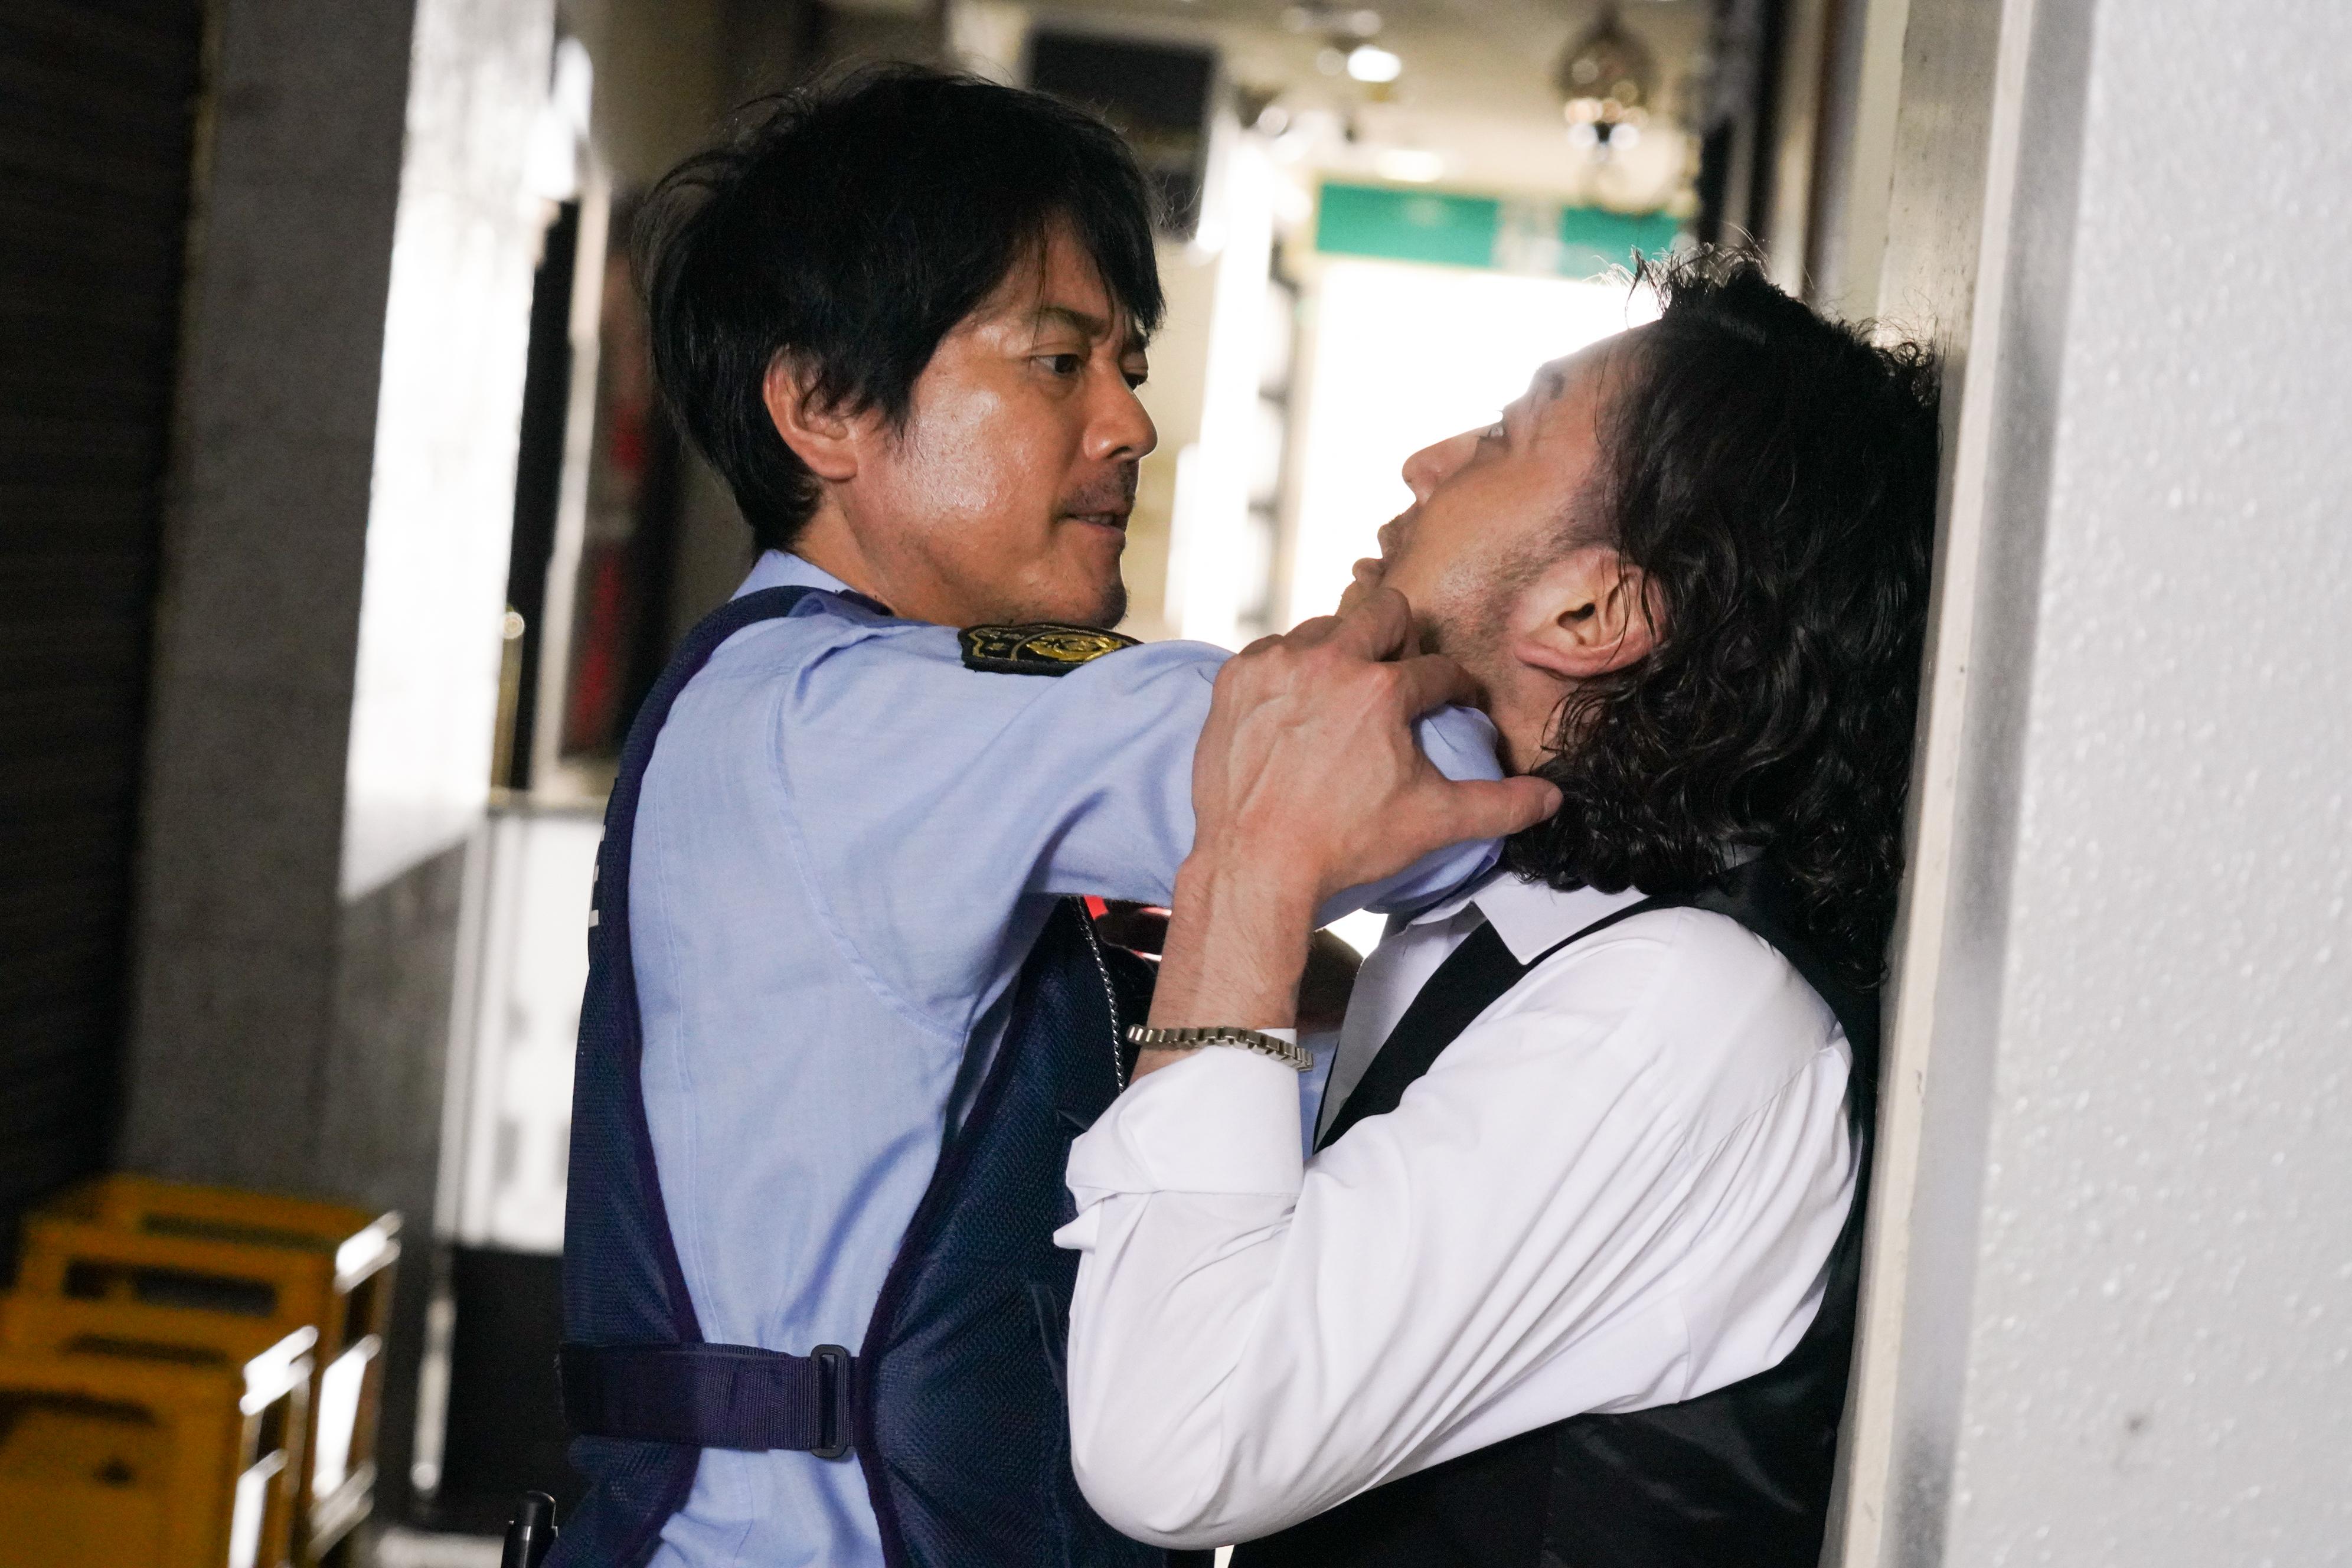 『ボイス 110緊急指令室』|主演:唐沢寿明